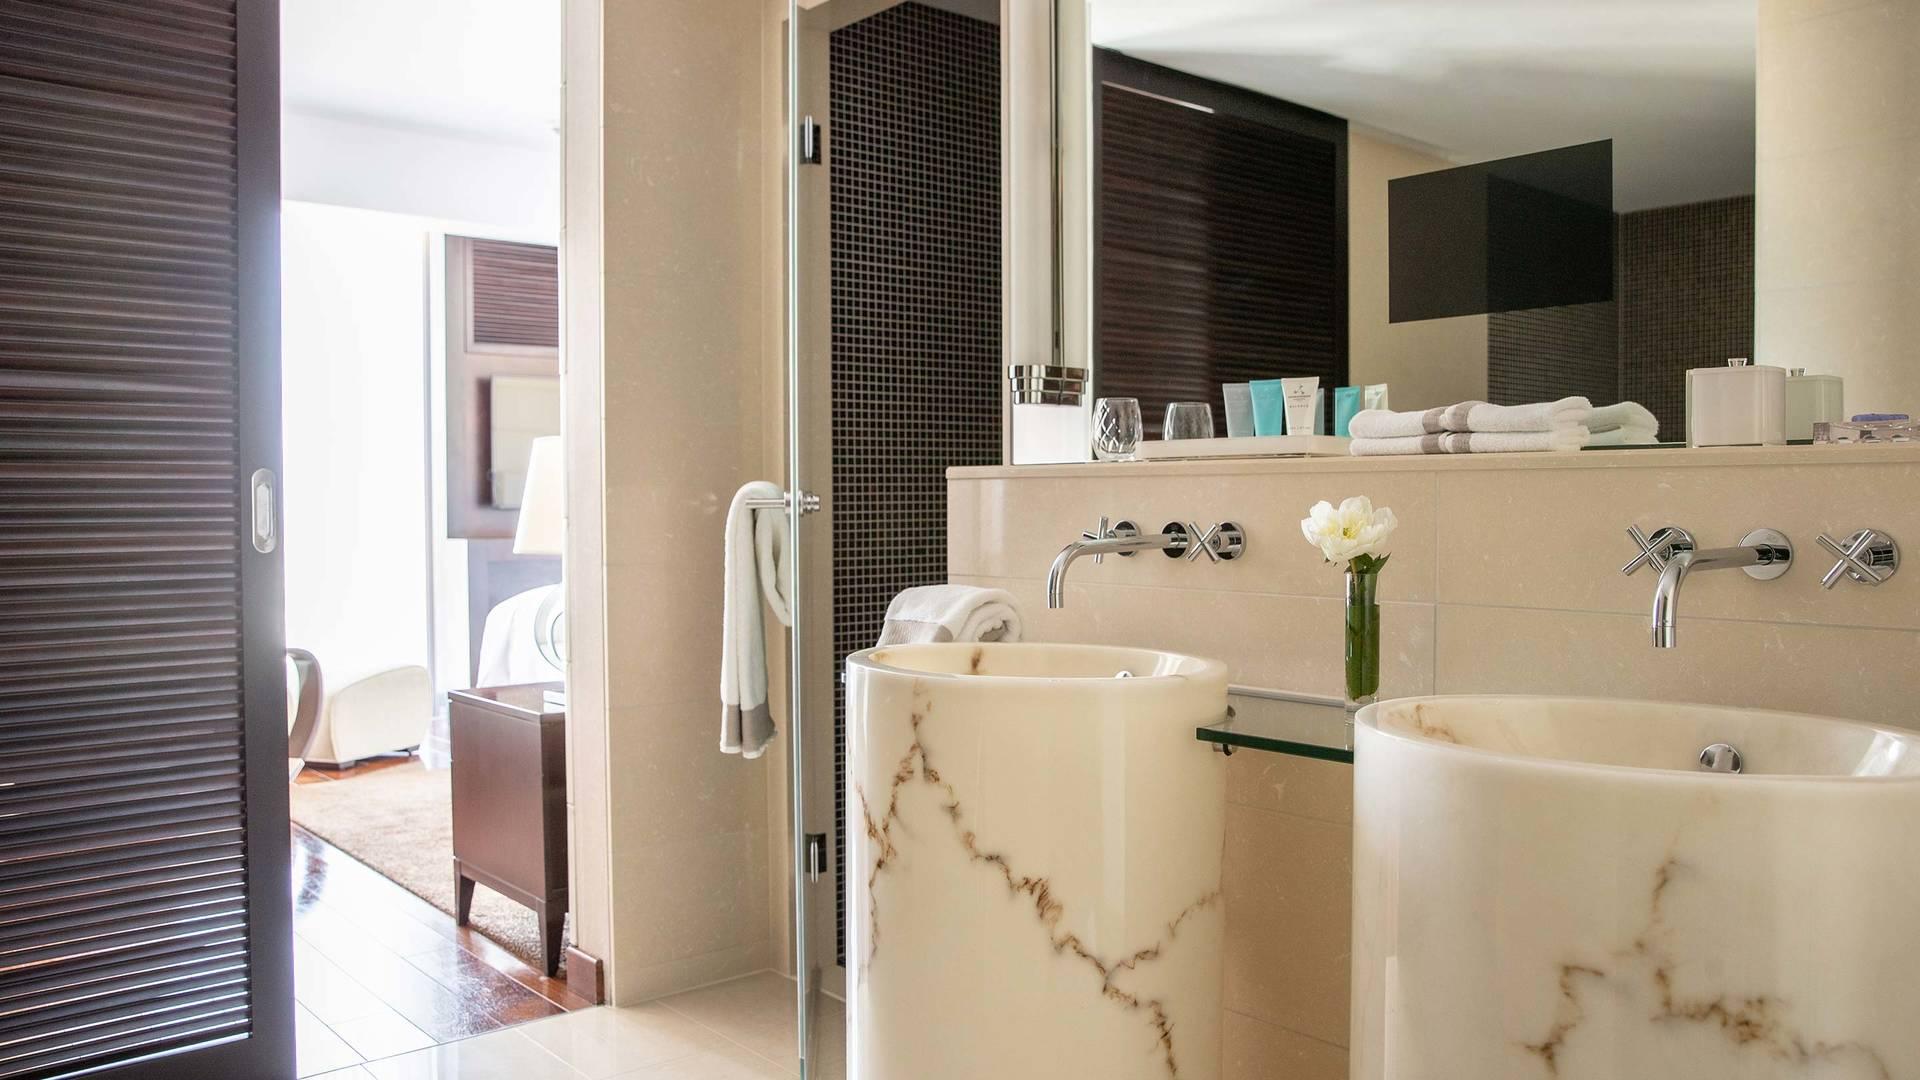 Jumeirah Frankfurt Presidential suite bathroom 1_16-9